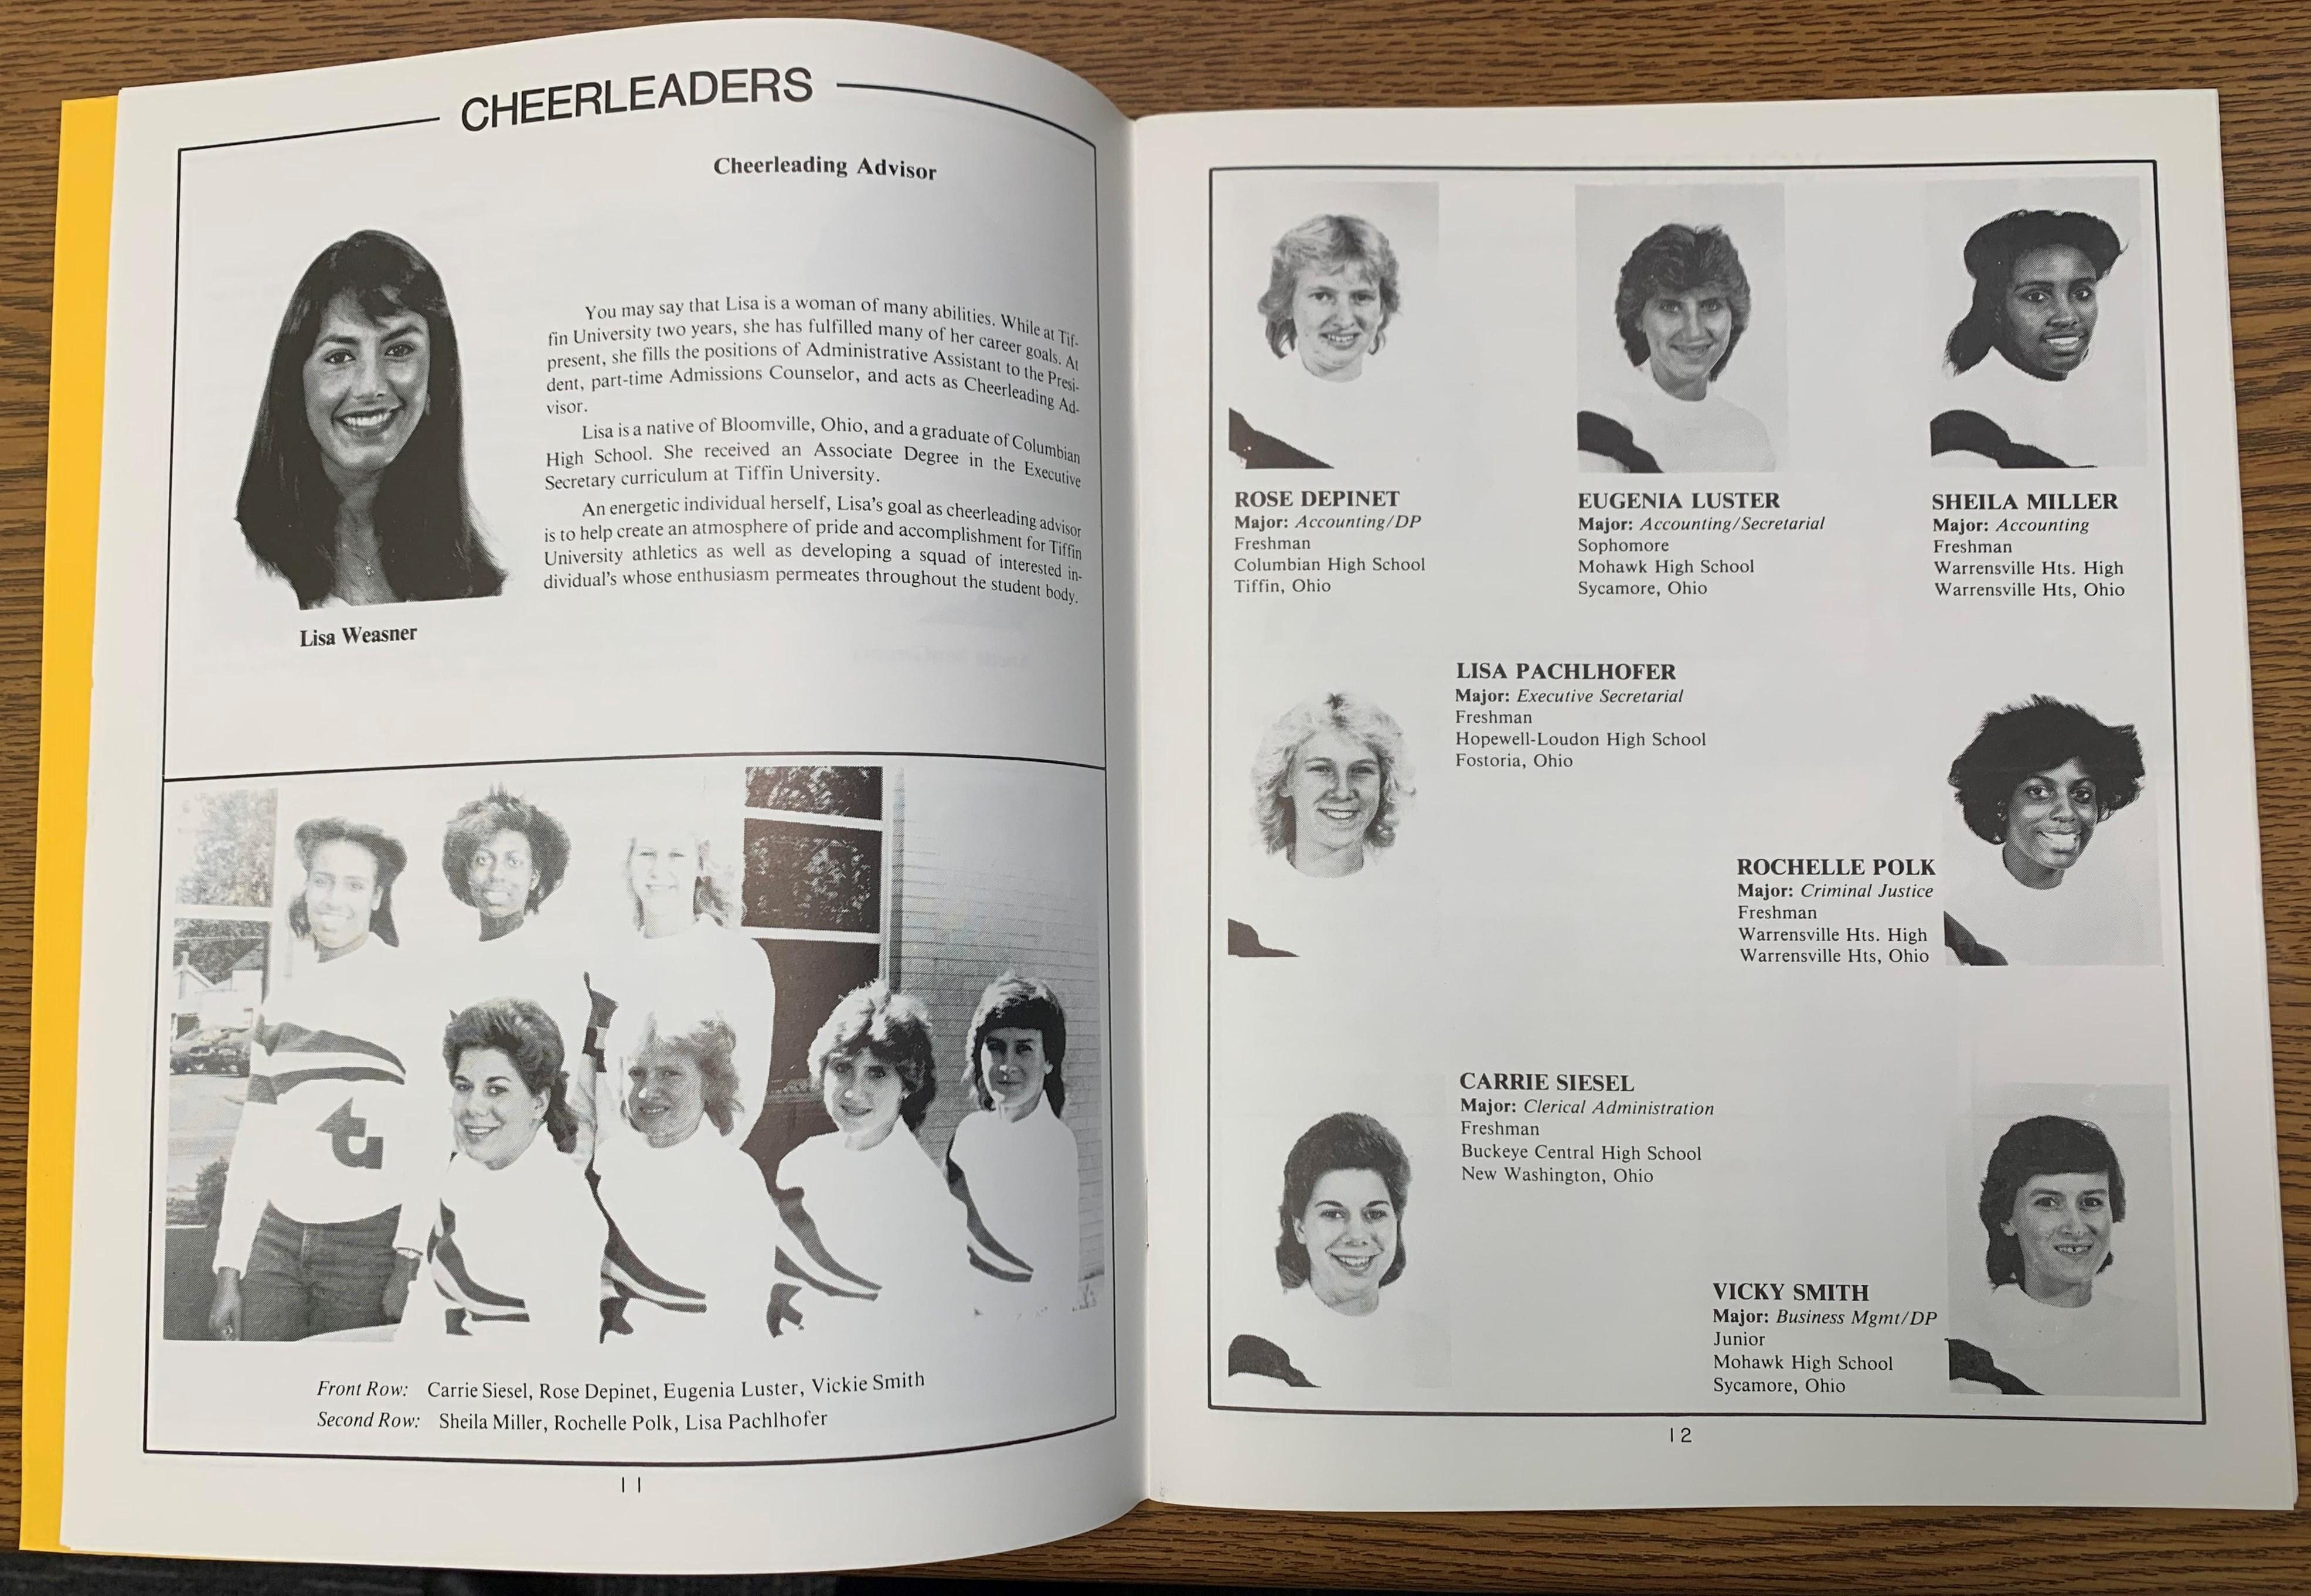 cheerleaders page